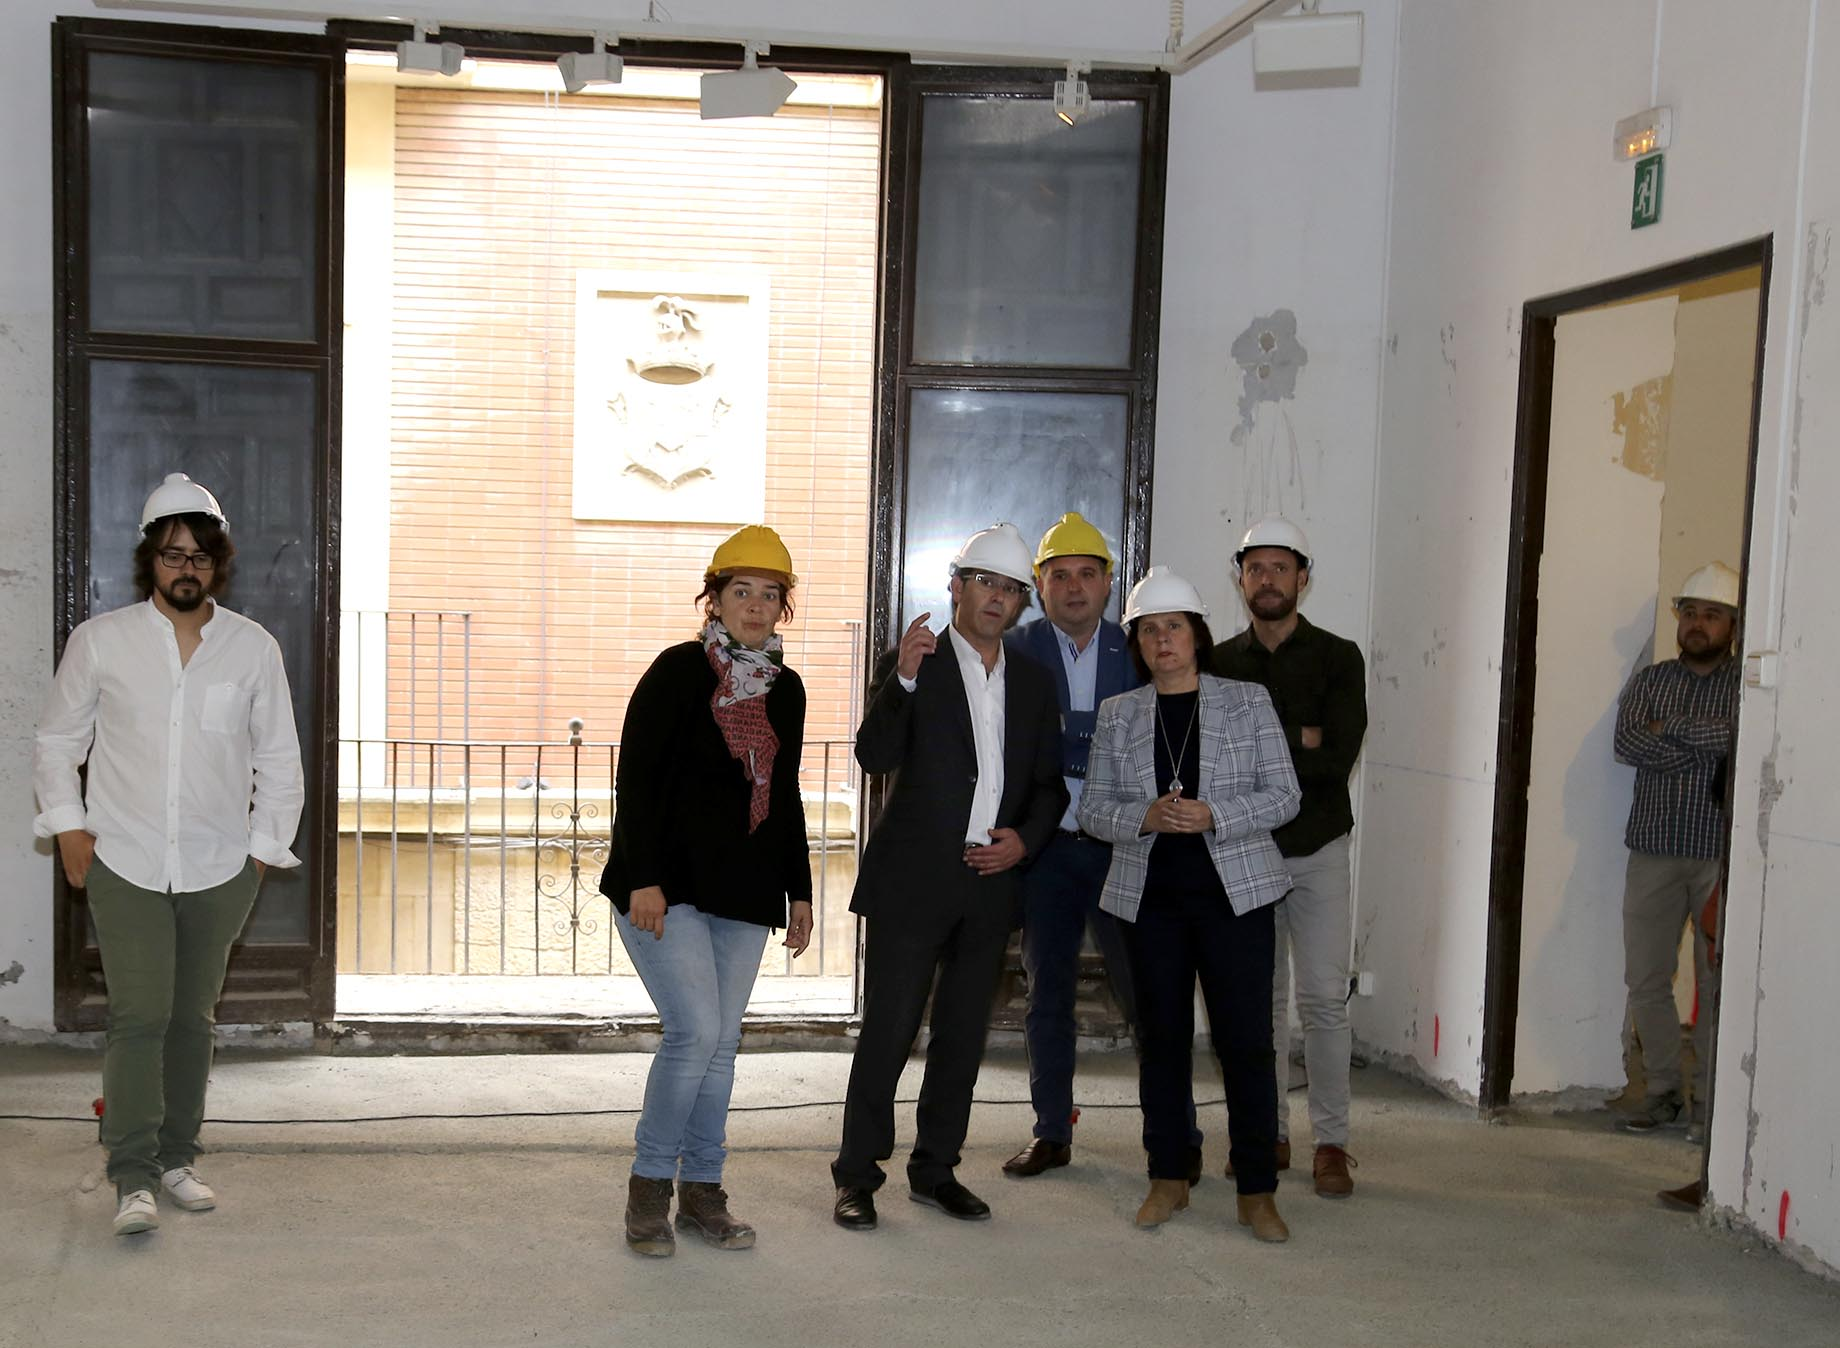 La Casa de Cultura tindrà més espai expositiu i serà més accessible El Periòdic d'Ontinyent